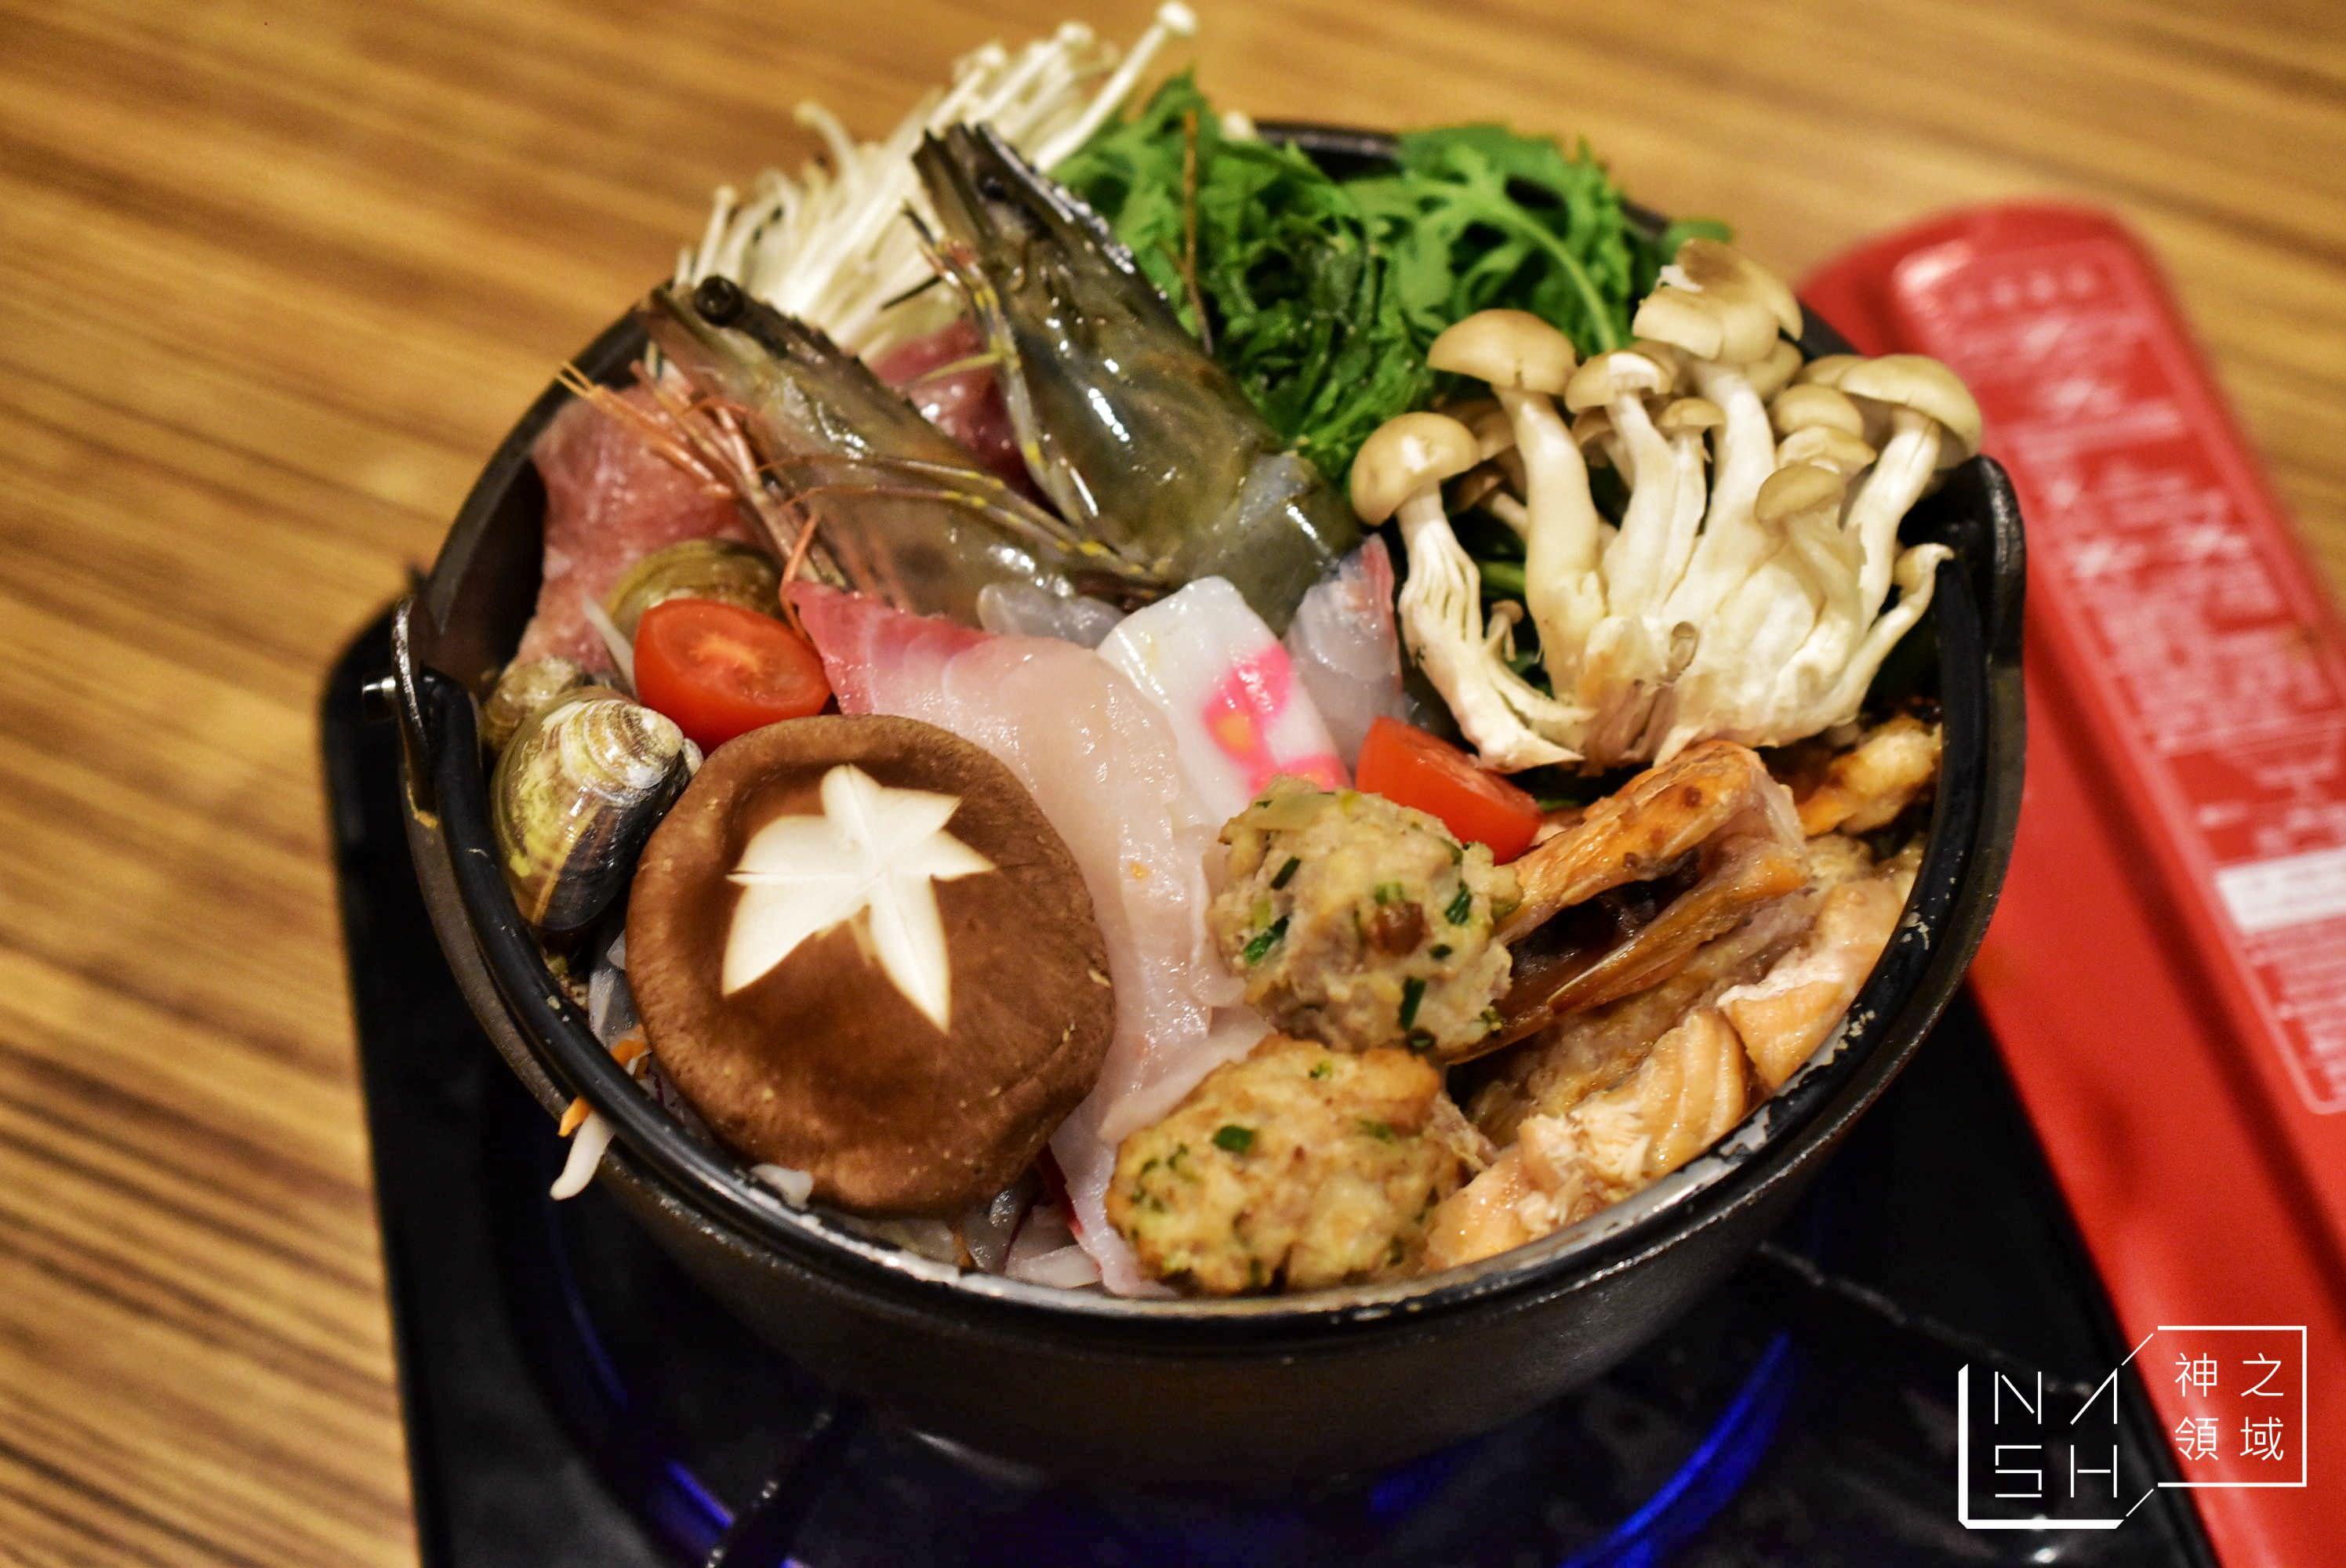 幸和殿,西湖日本料理,西湖美食推薦 @Nash,神之領域